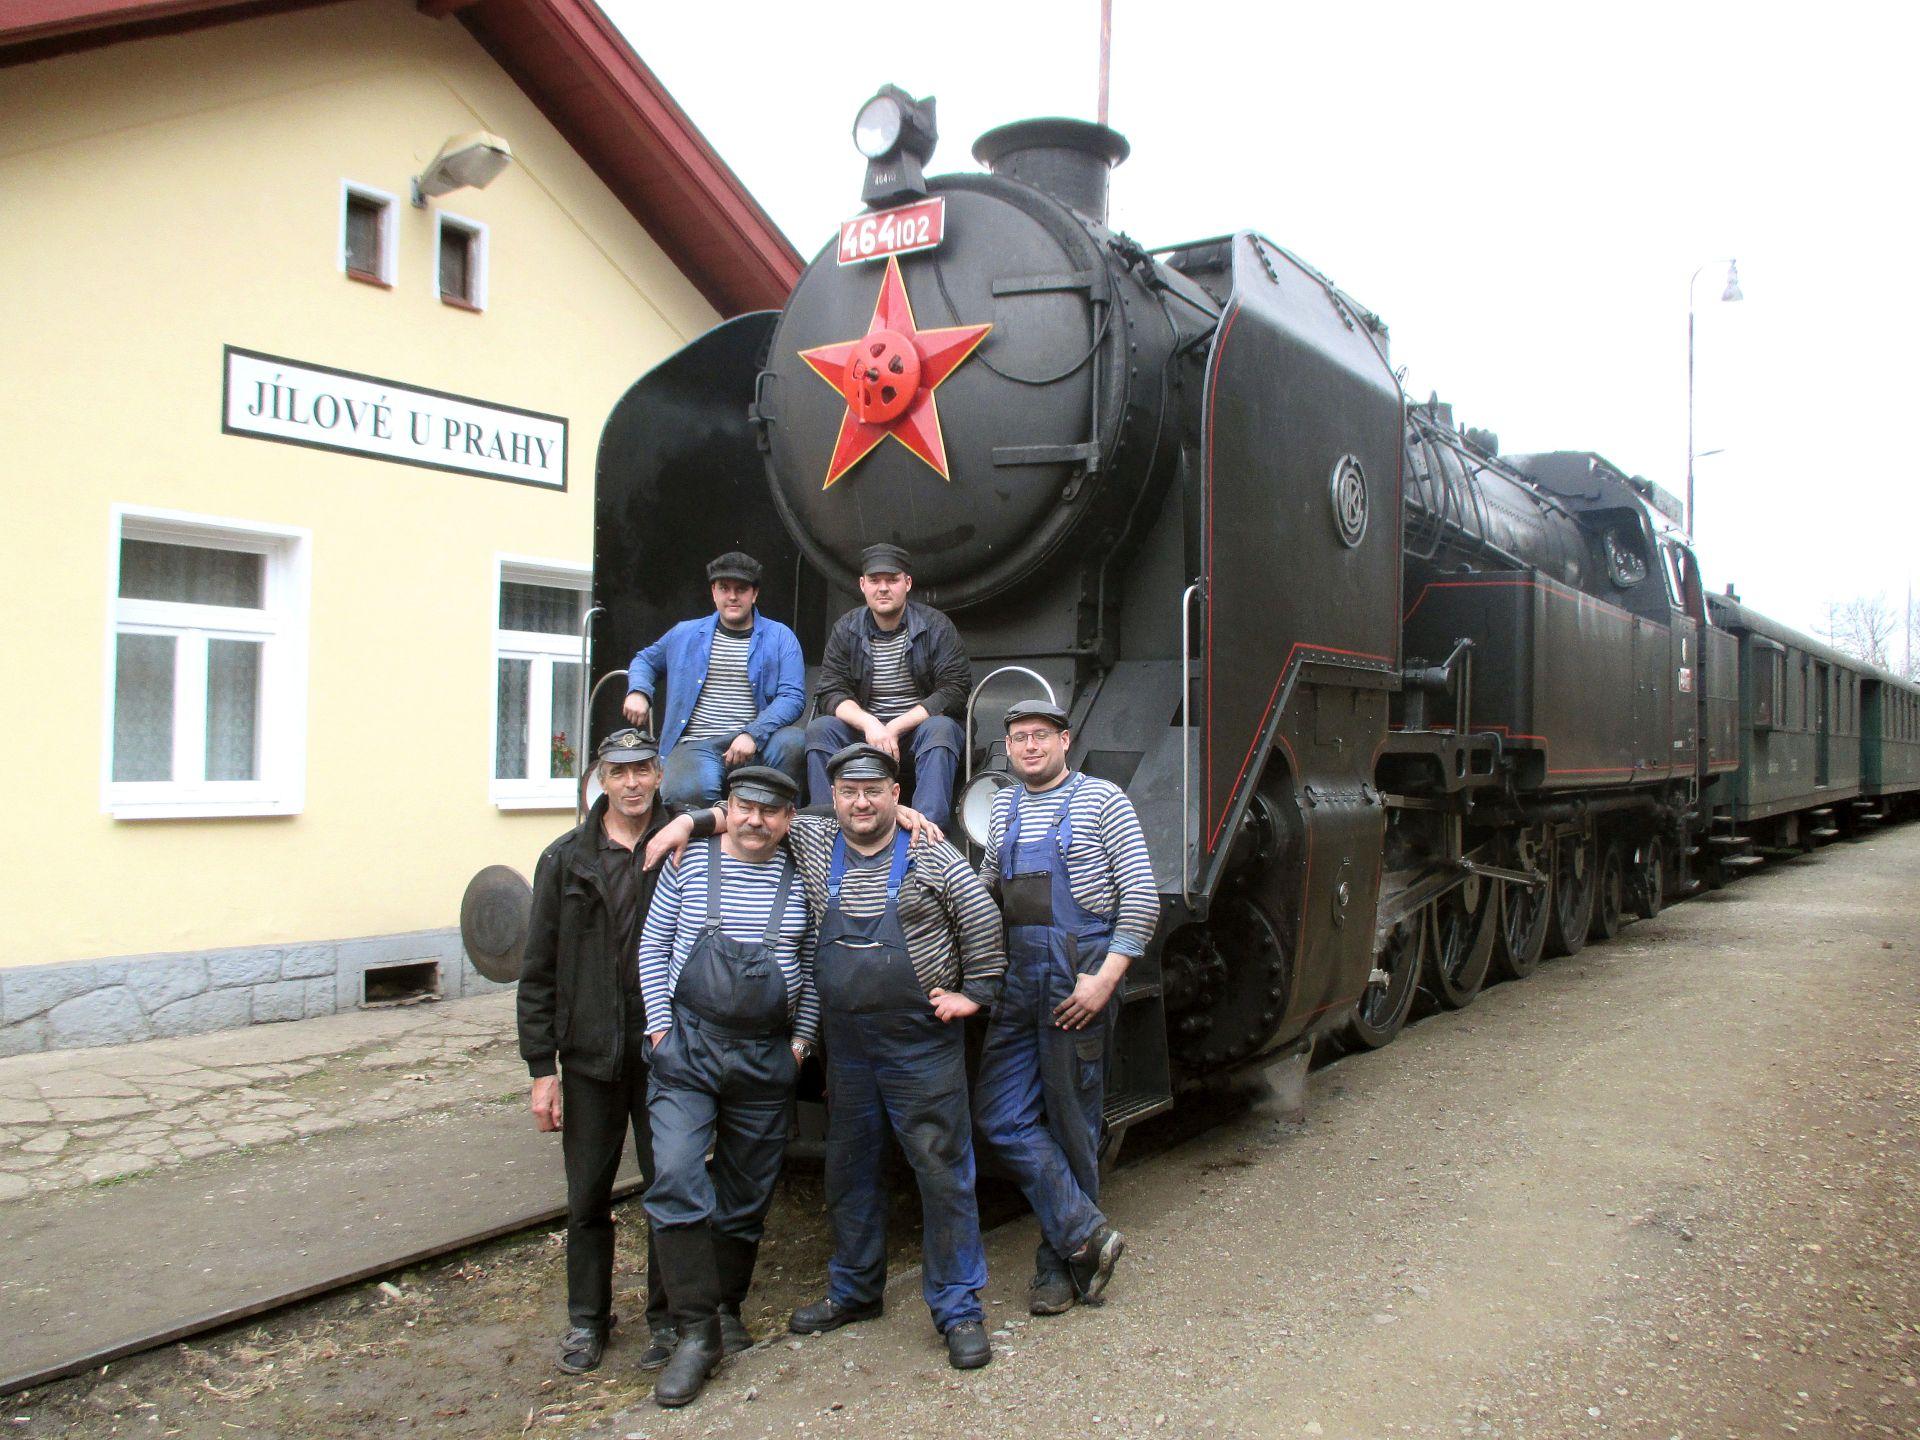 Lokomotiva 464.102 a posádka v Jílovém u Prahy. Foto: Růžolící Chrochtík